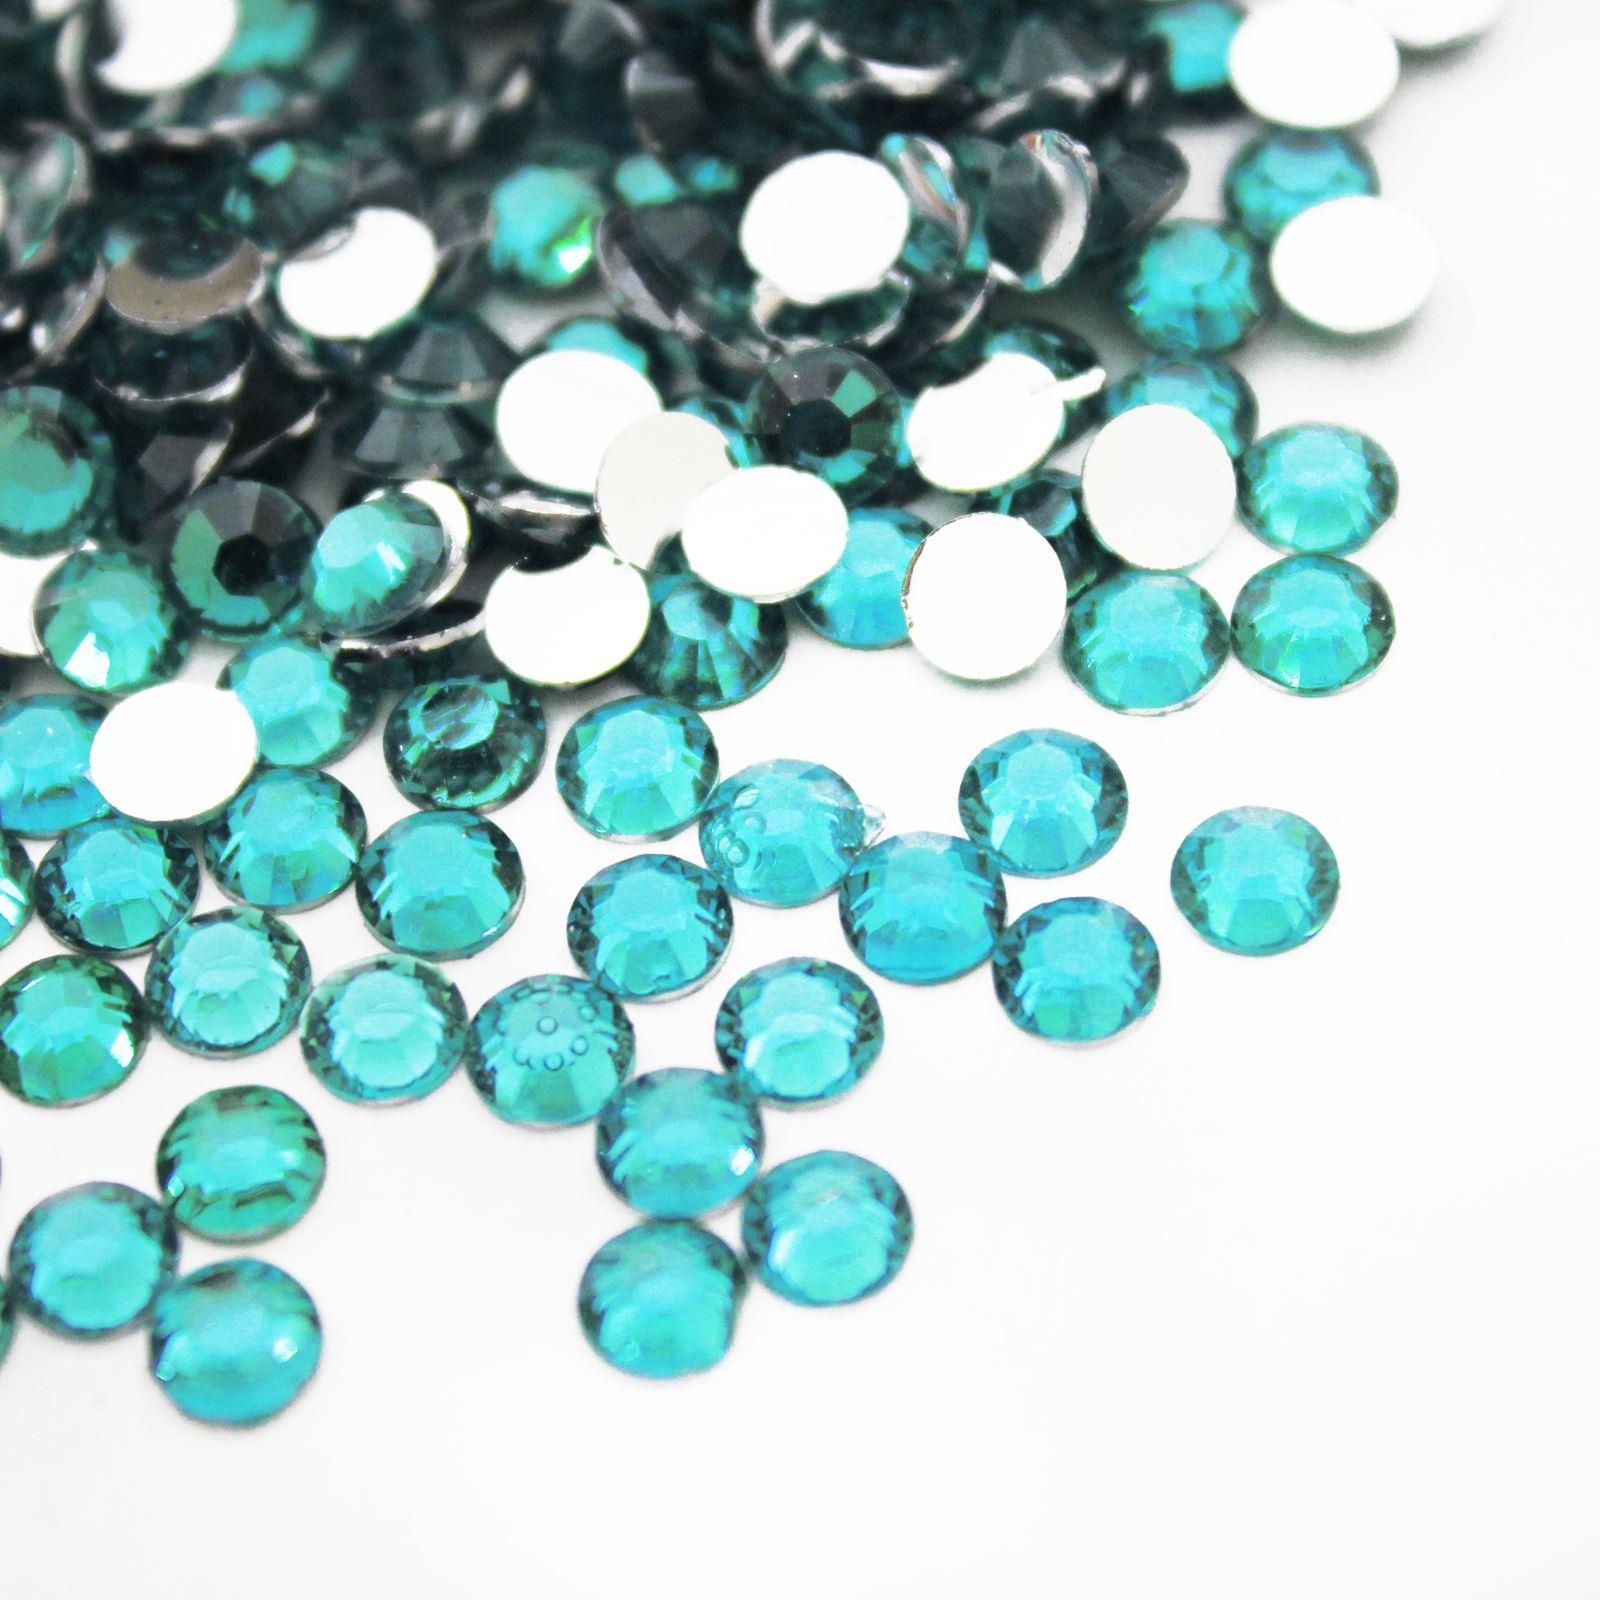 1000 Flat Back Rhinestones Acrylic Gems Diamante Crystals 2mm 3mm 4mm 5mm